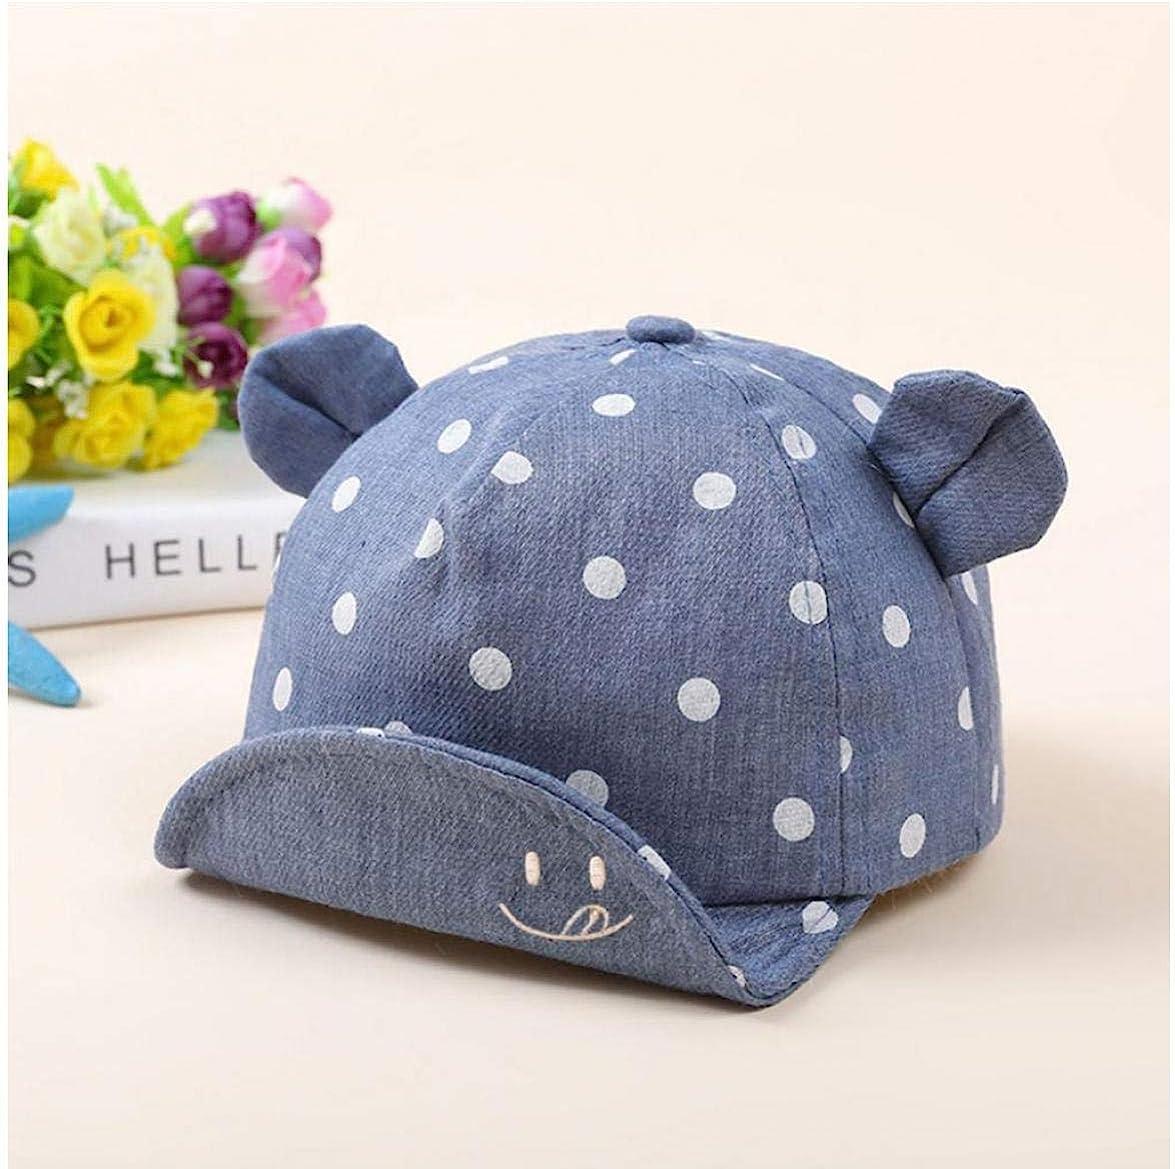 Culer Baby-Punkt-Baseballm/ütze Baby-Jungen-M/ädchen-Krempe Sonnenhut Kleinkind Trucker Baumwolle Masken-Hut